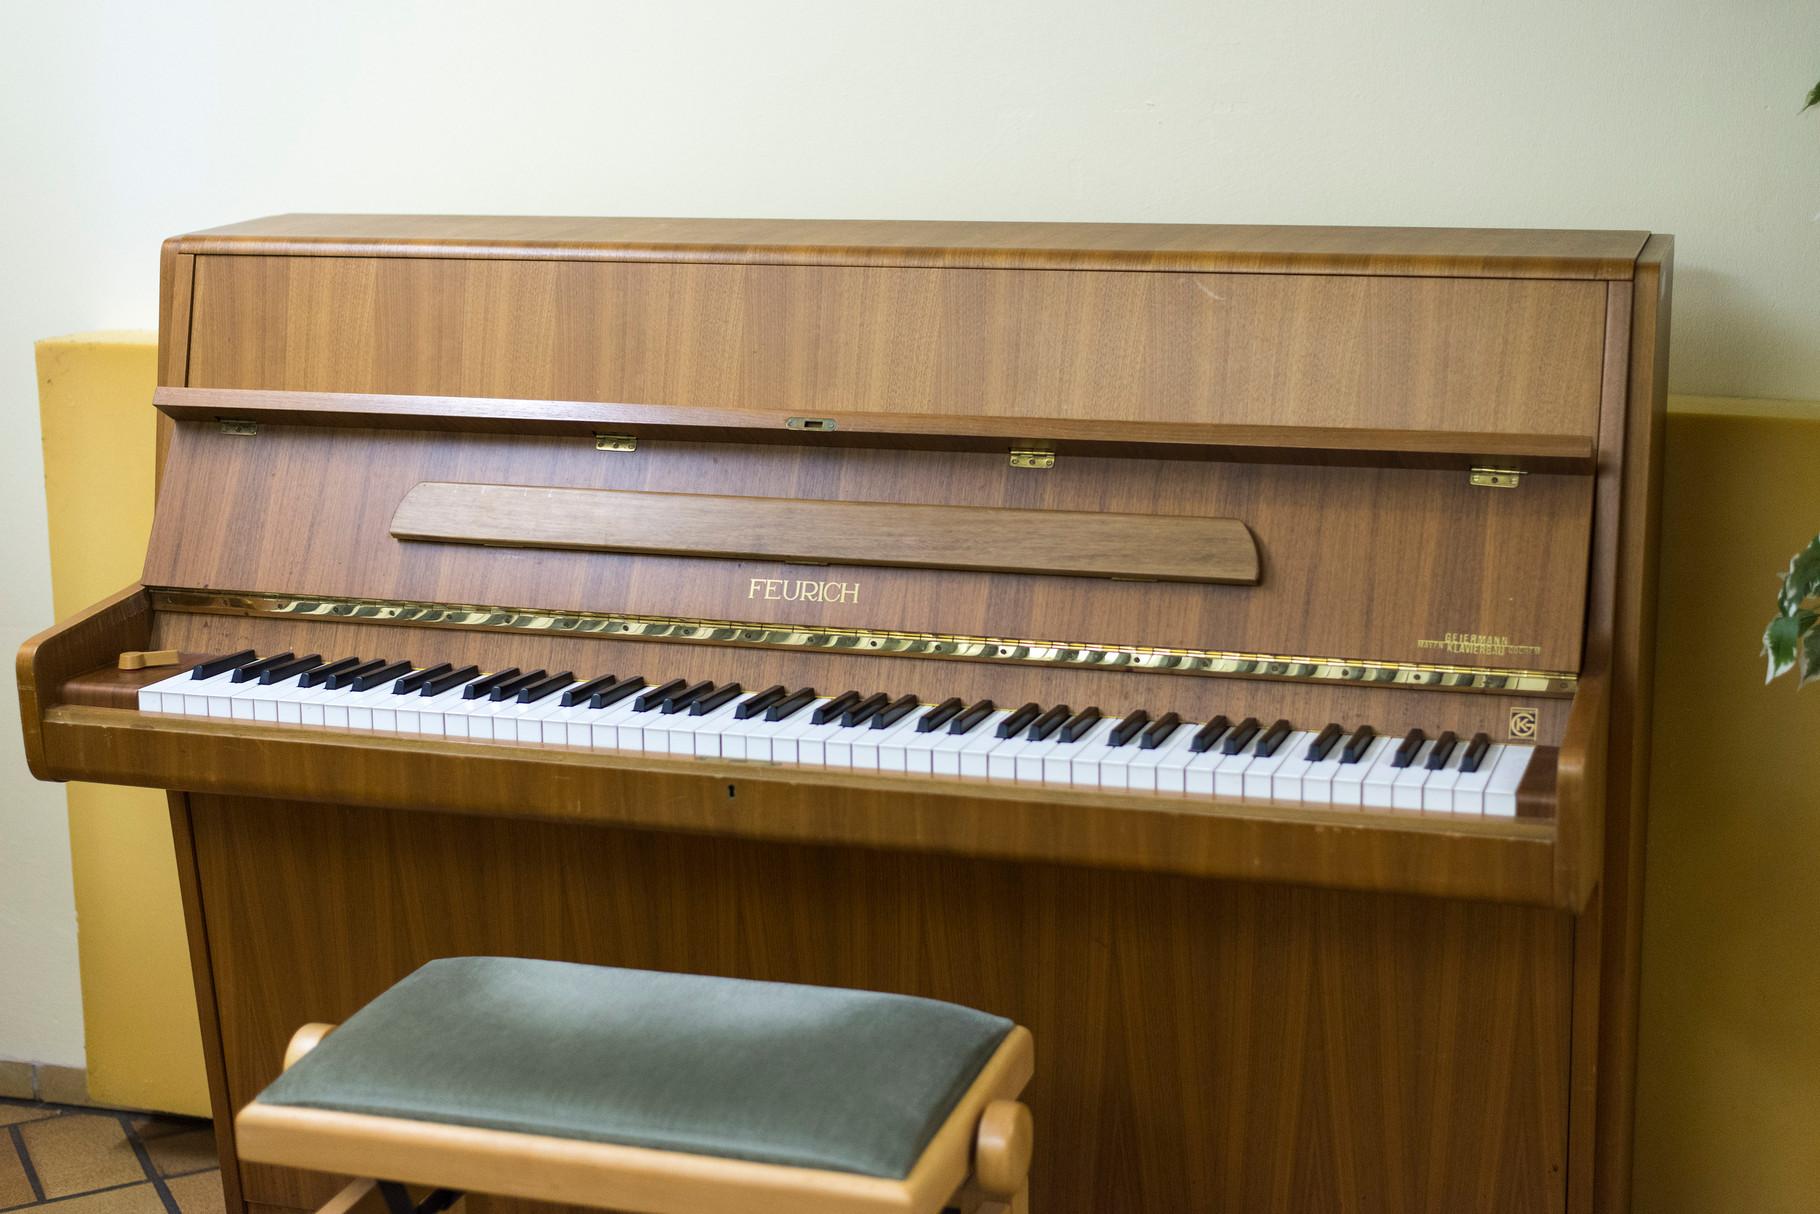 Klavierraum in Haus I - Quelle: Studiwerk Trier